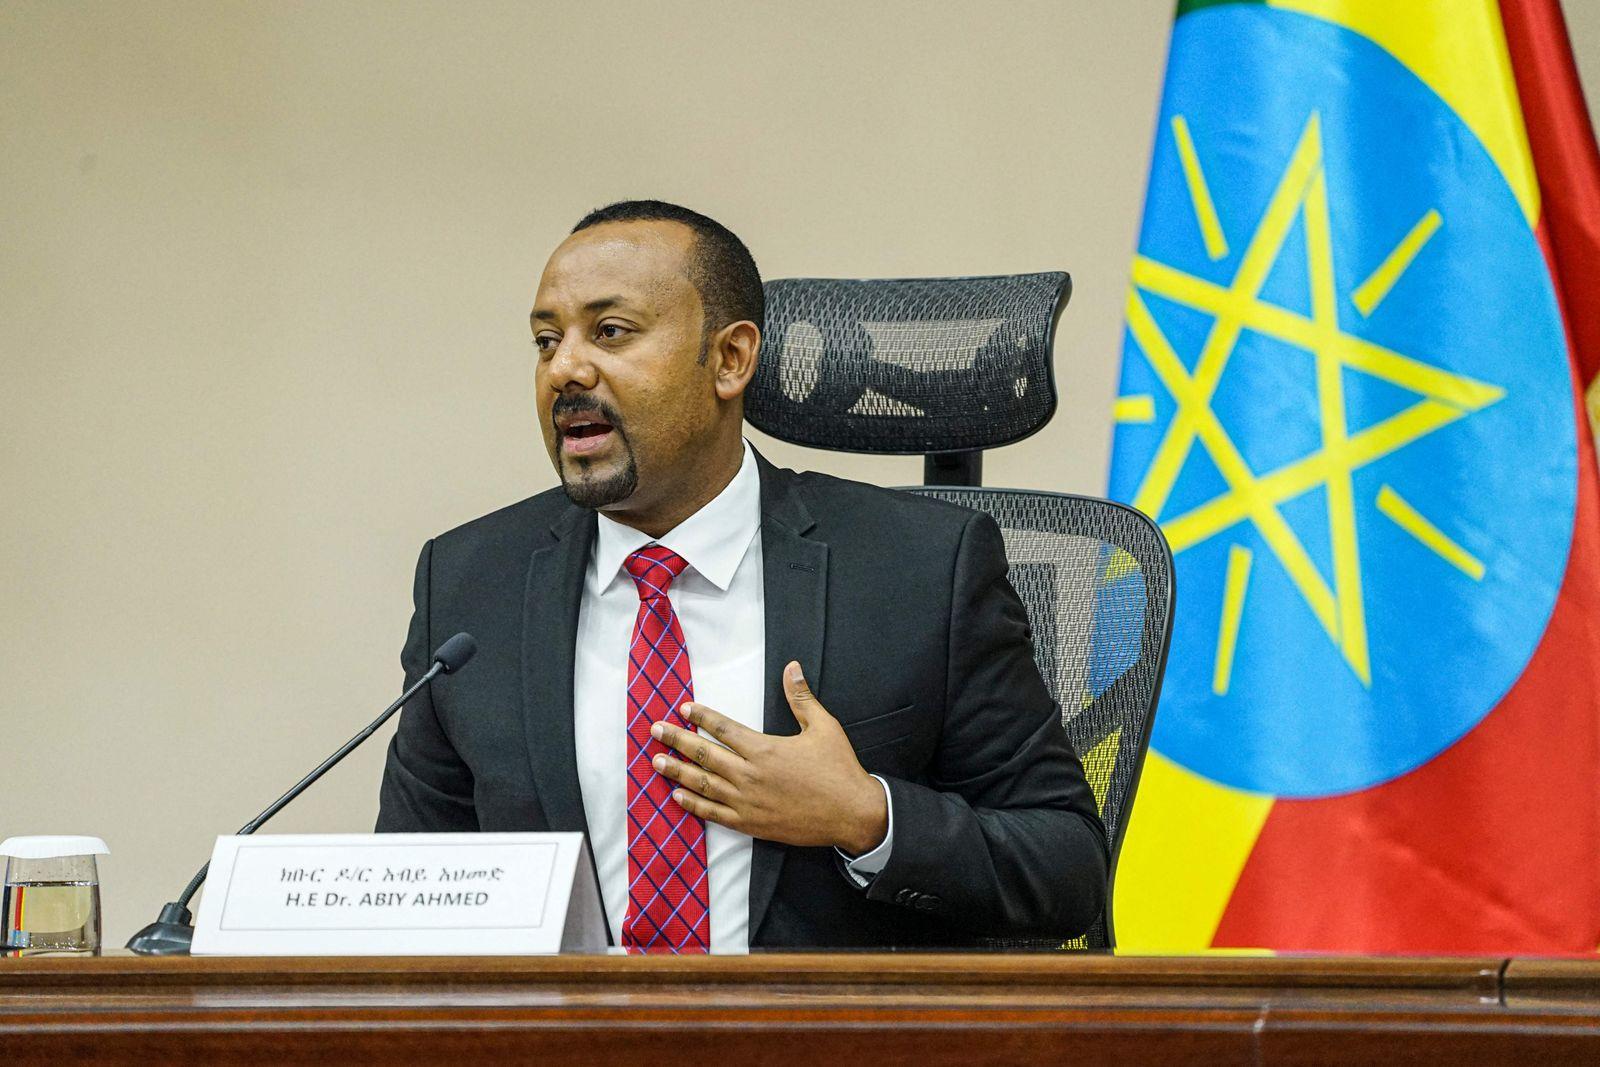 FILES-ETHIOPIA-TIGRAY-CONFLICT-UNREST